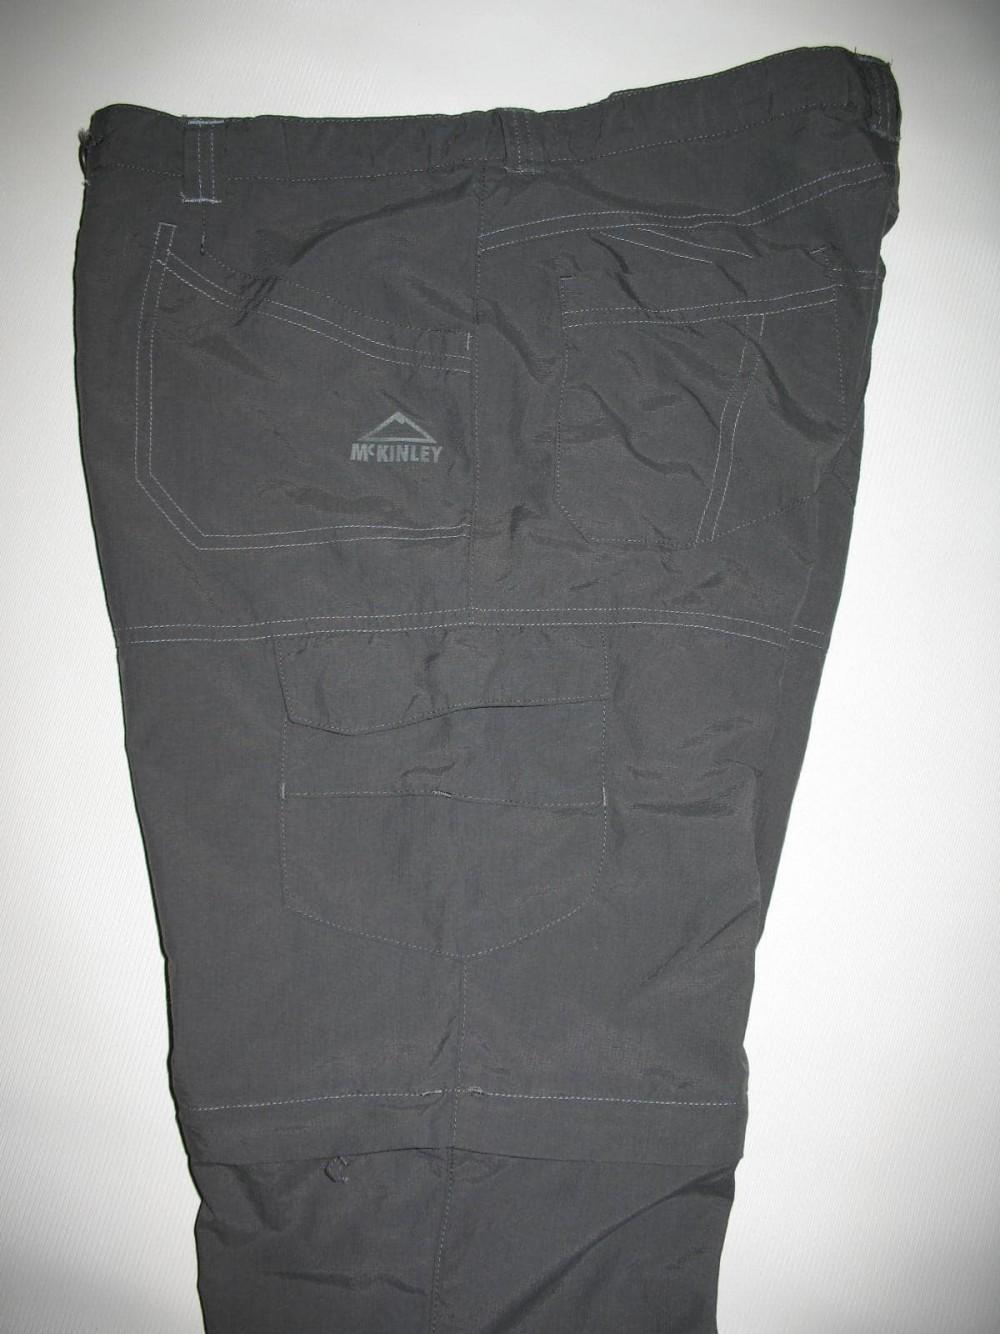 Штаны McKINLEY 2in1 pants lady (размер М) - 6